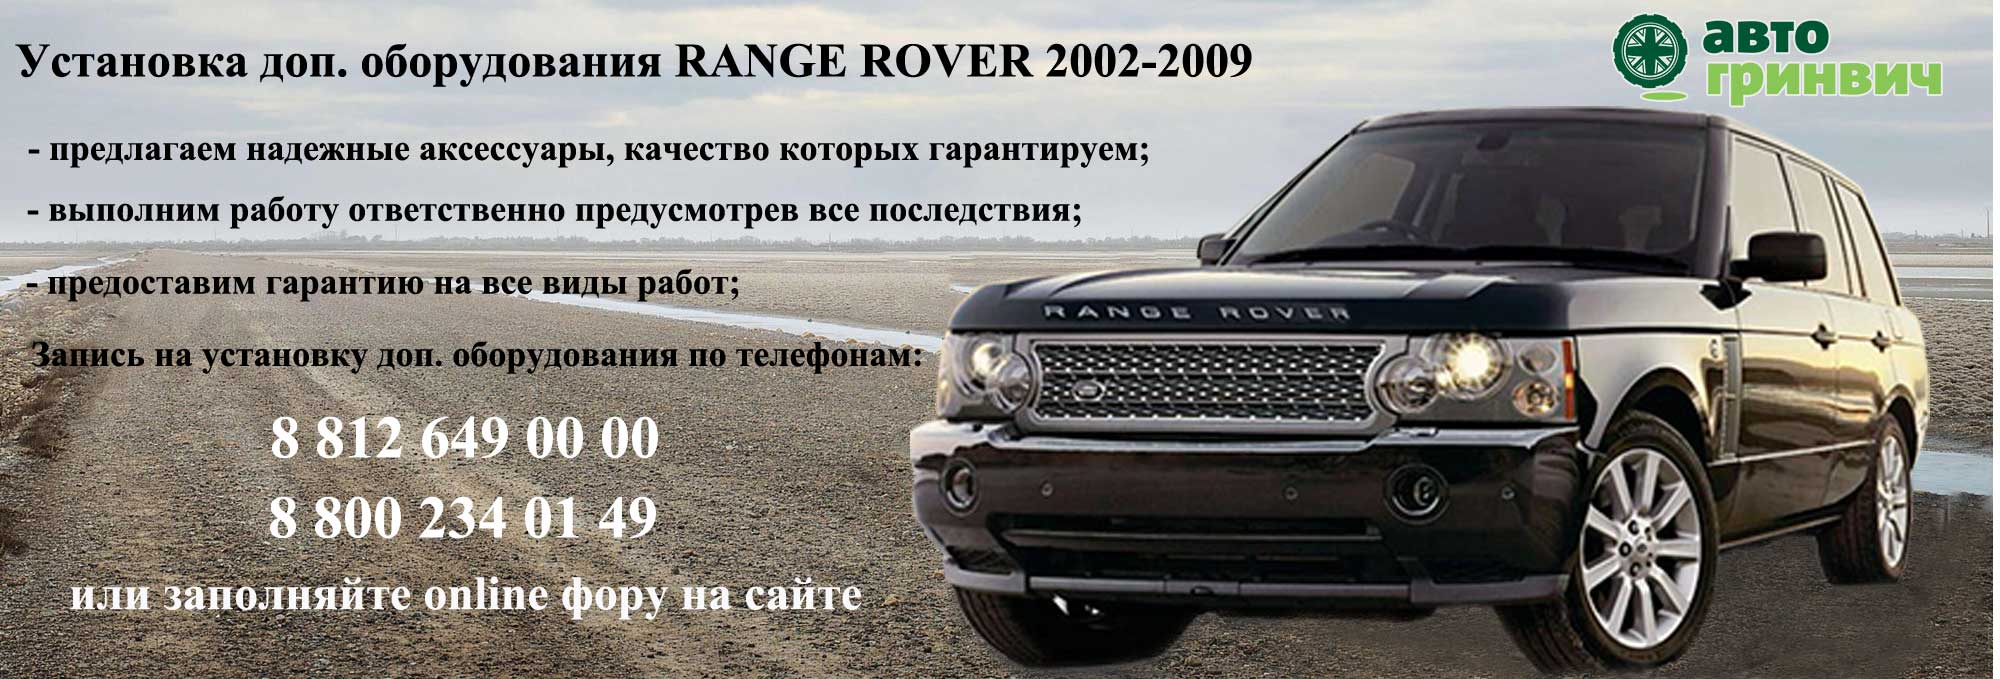 Установка доп. оборудования RANGE ROVER 2002-2009